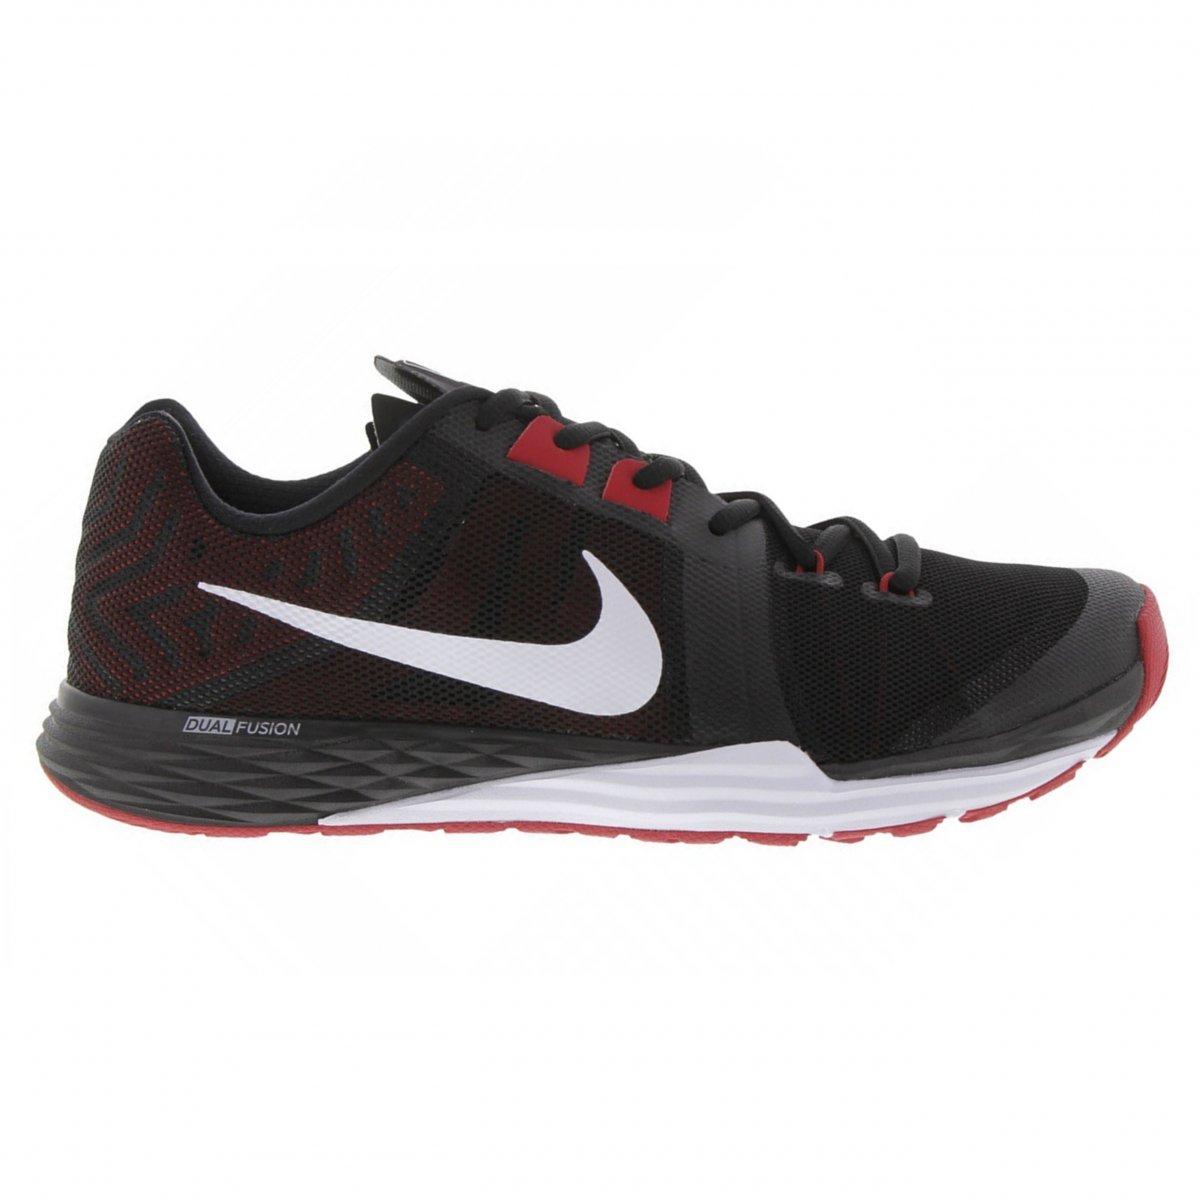 Tênis Nike Train Prime Iron DF 832219 060 060 832219 Preto/Vermelho d5a828